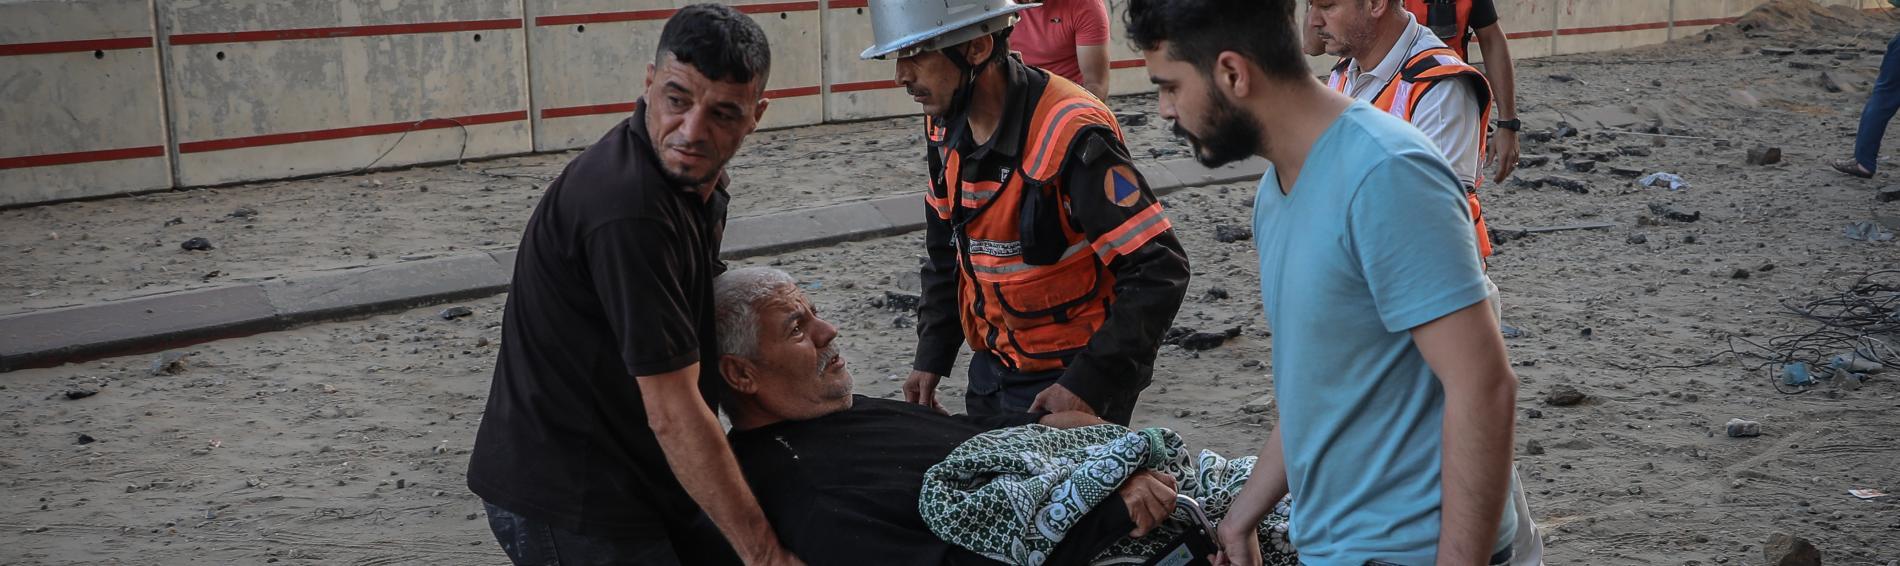 Nachbarn und Rettiungskräfte evakuieren einen alten und behinderten Mann aus dem Gebiet in Gaza-Stadt, das beschossen wurde. Foto: Motaz Azaiza